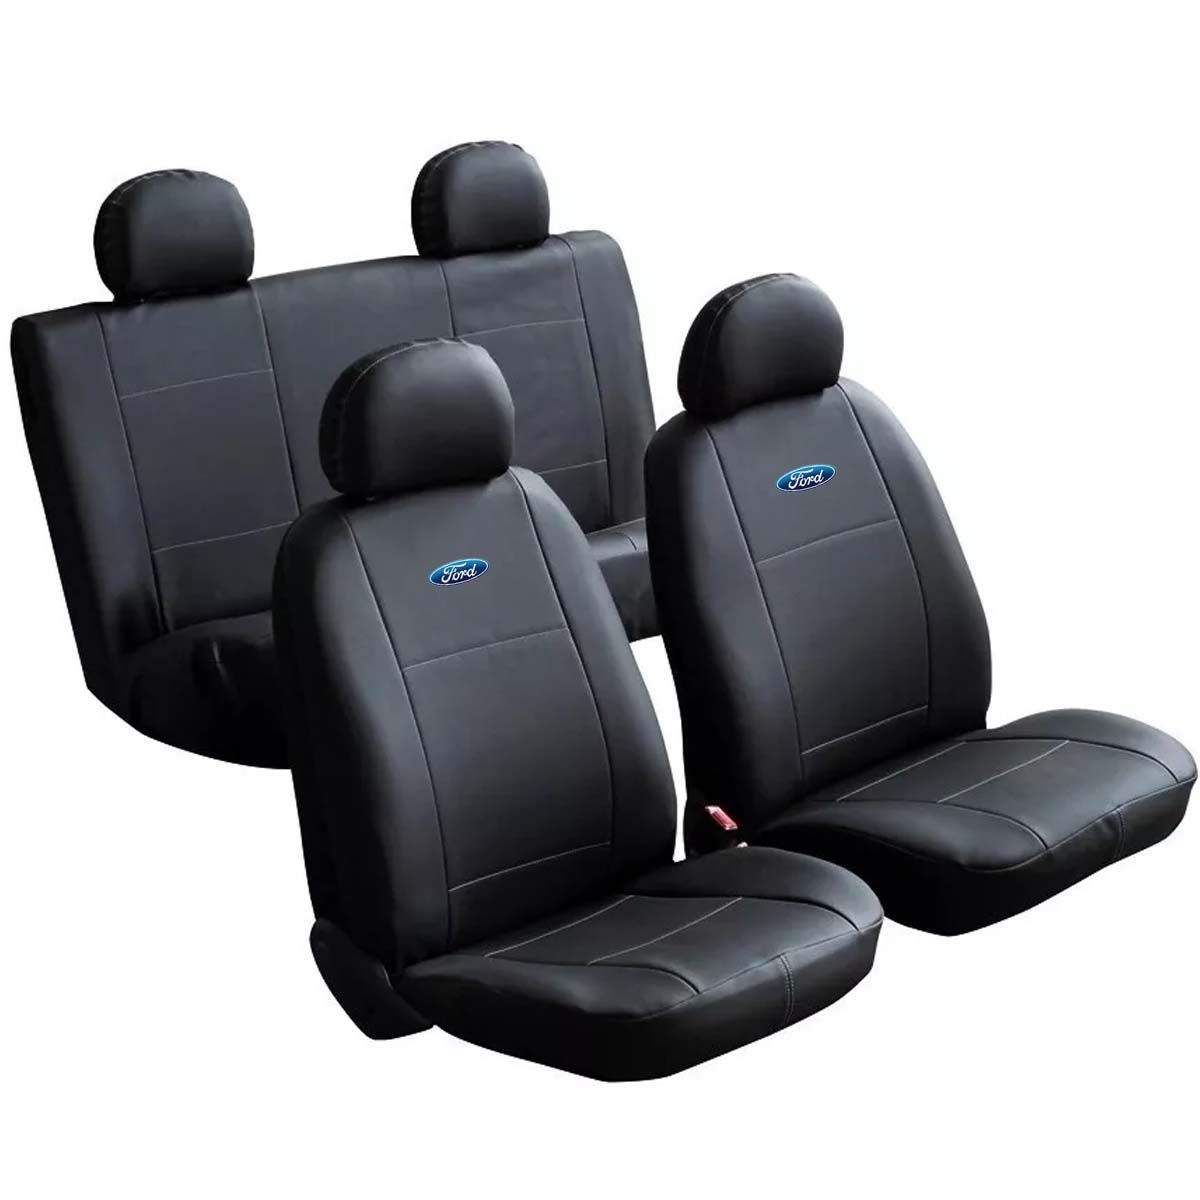 Jogo de Capas de Banco em Couro Ford Ka Fiesta Escort Hobby Zetec Xr3 Gl L Gls Verona F1000 F250 F75 Logus Ecosport Del Rey Belina Pampa Preto